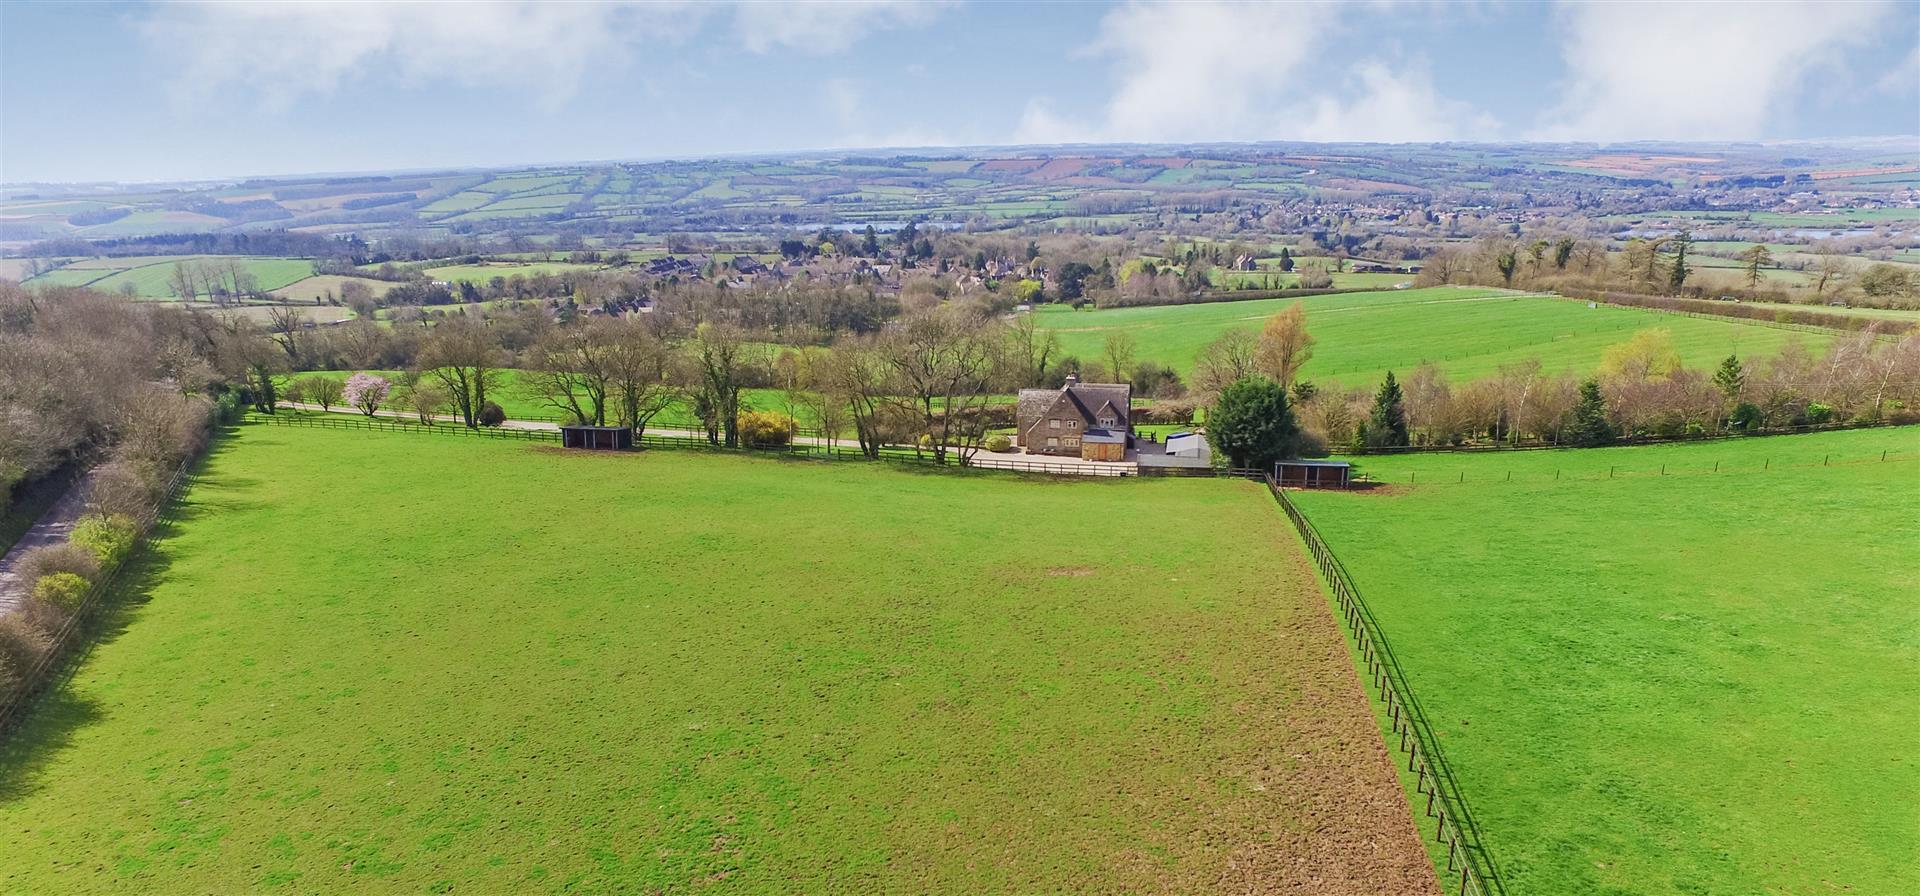 AerialFootage.jpg